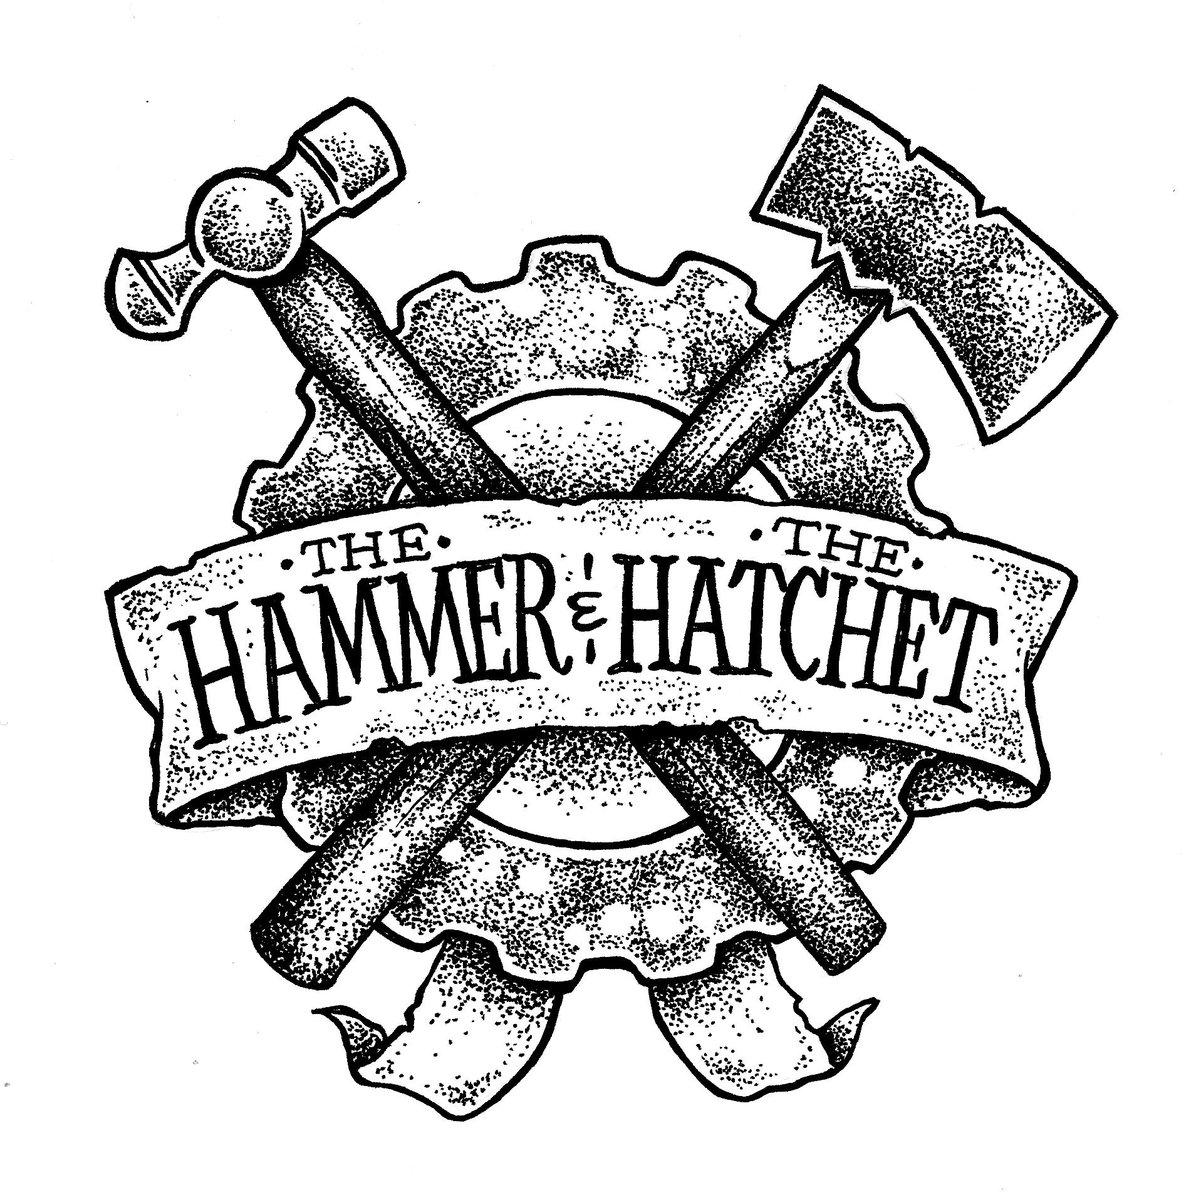 1196x1200 The Hammer And The Hatchet The Hammer And The Hatchet